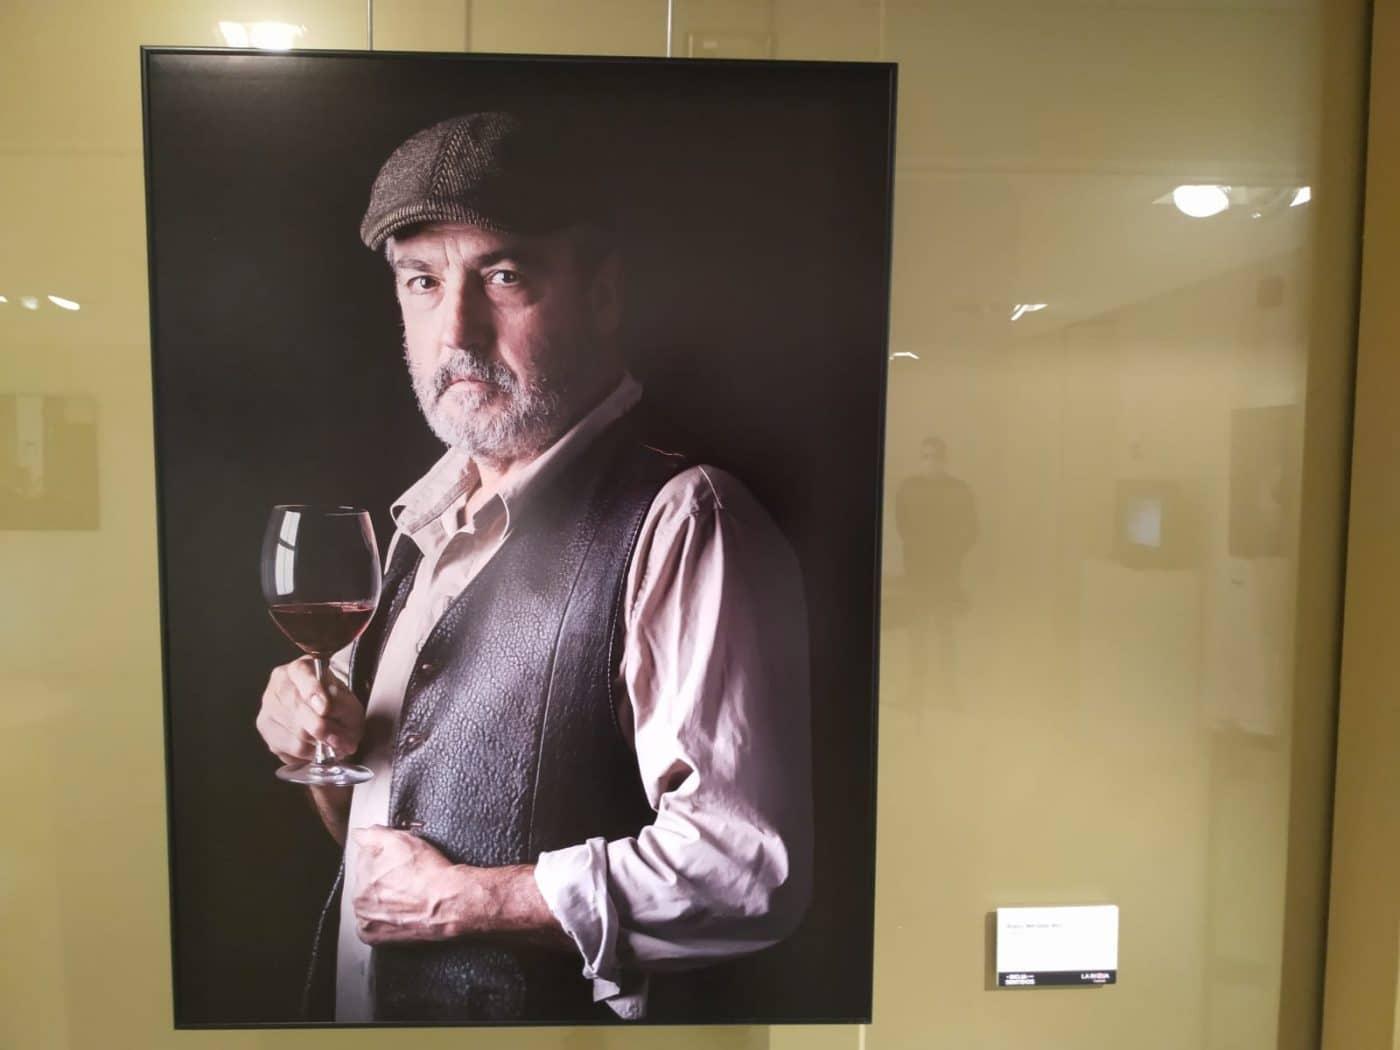 Santo Domingo acoge la exposición de fotografías 'El Rioja y los 5 Sentidos' 3